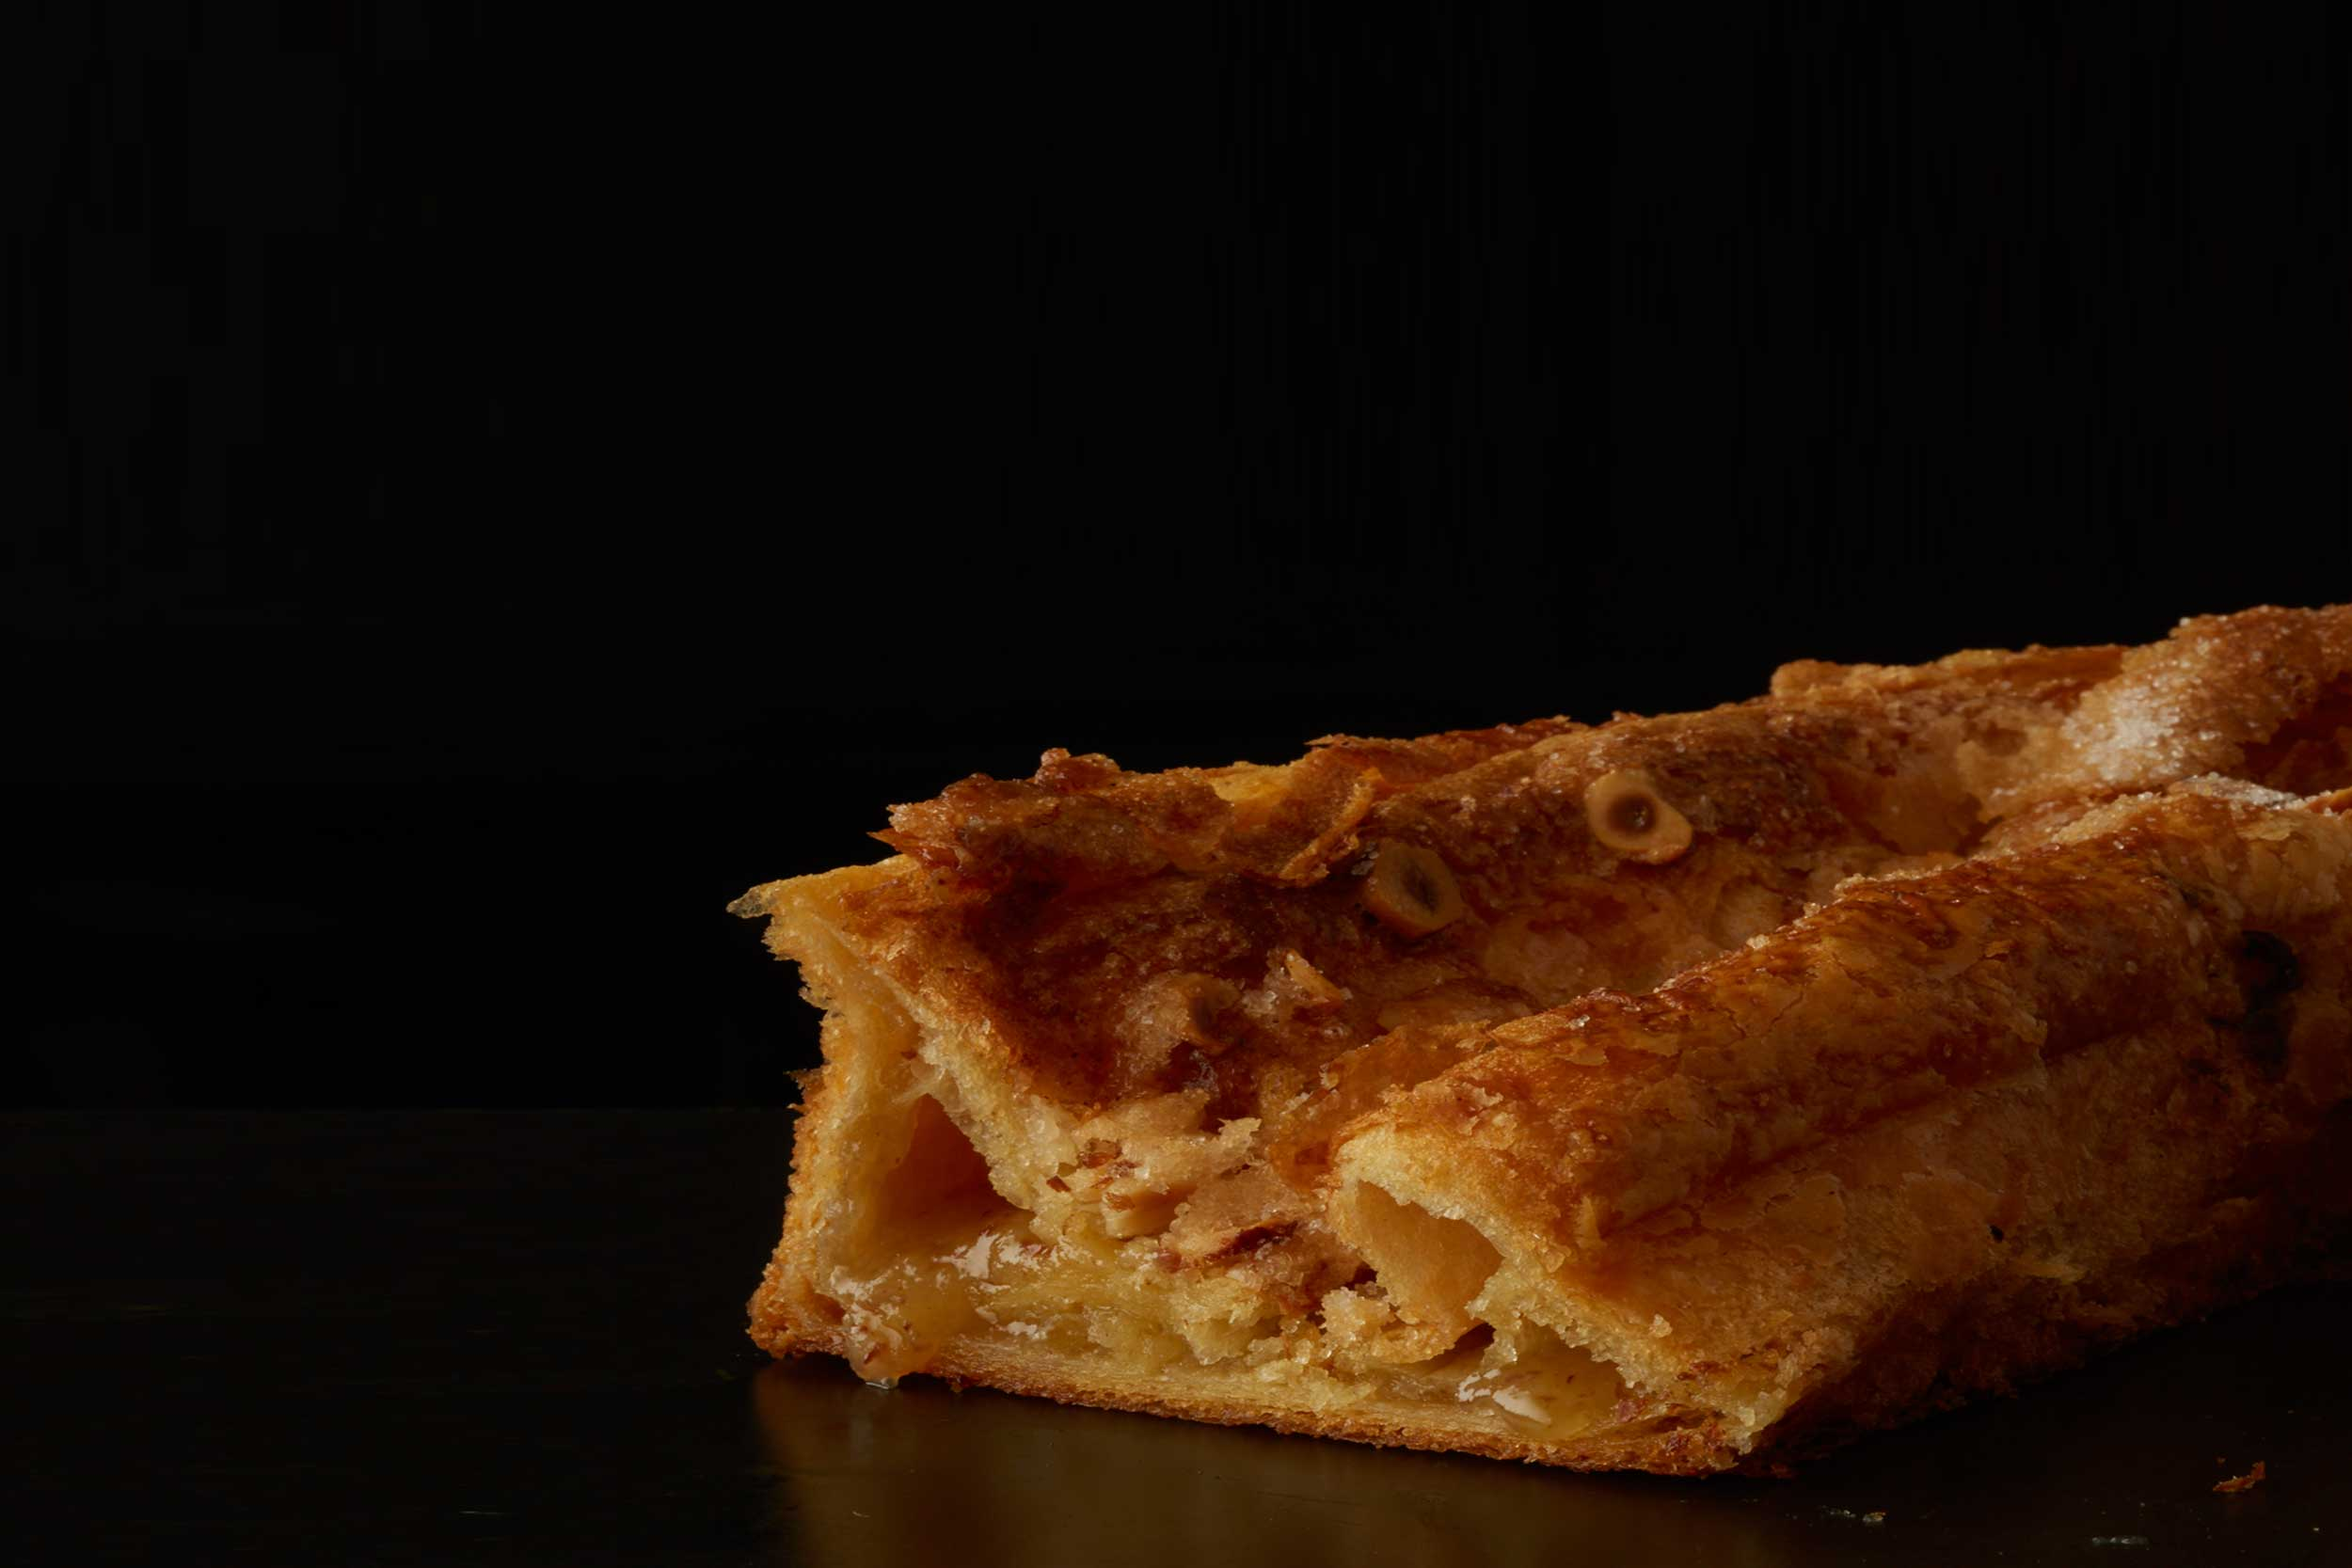 Brødsnedkeren-brødudvalg02154